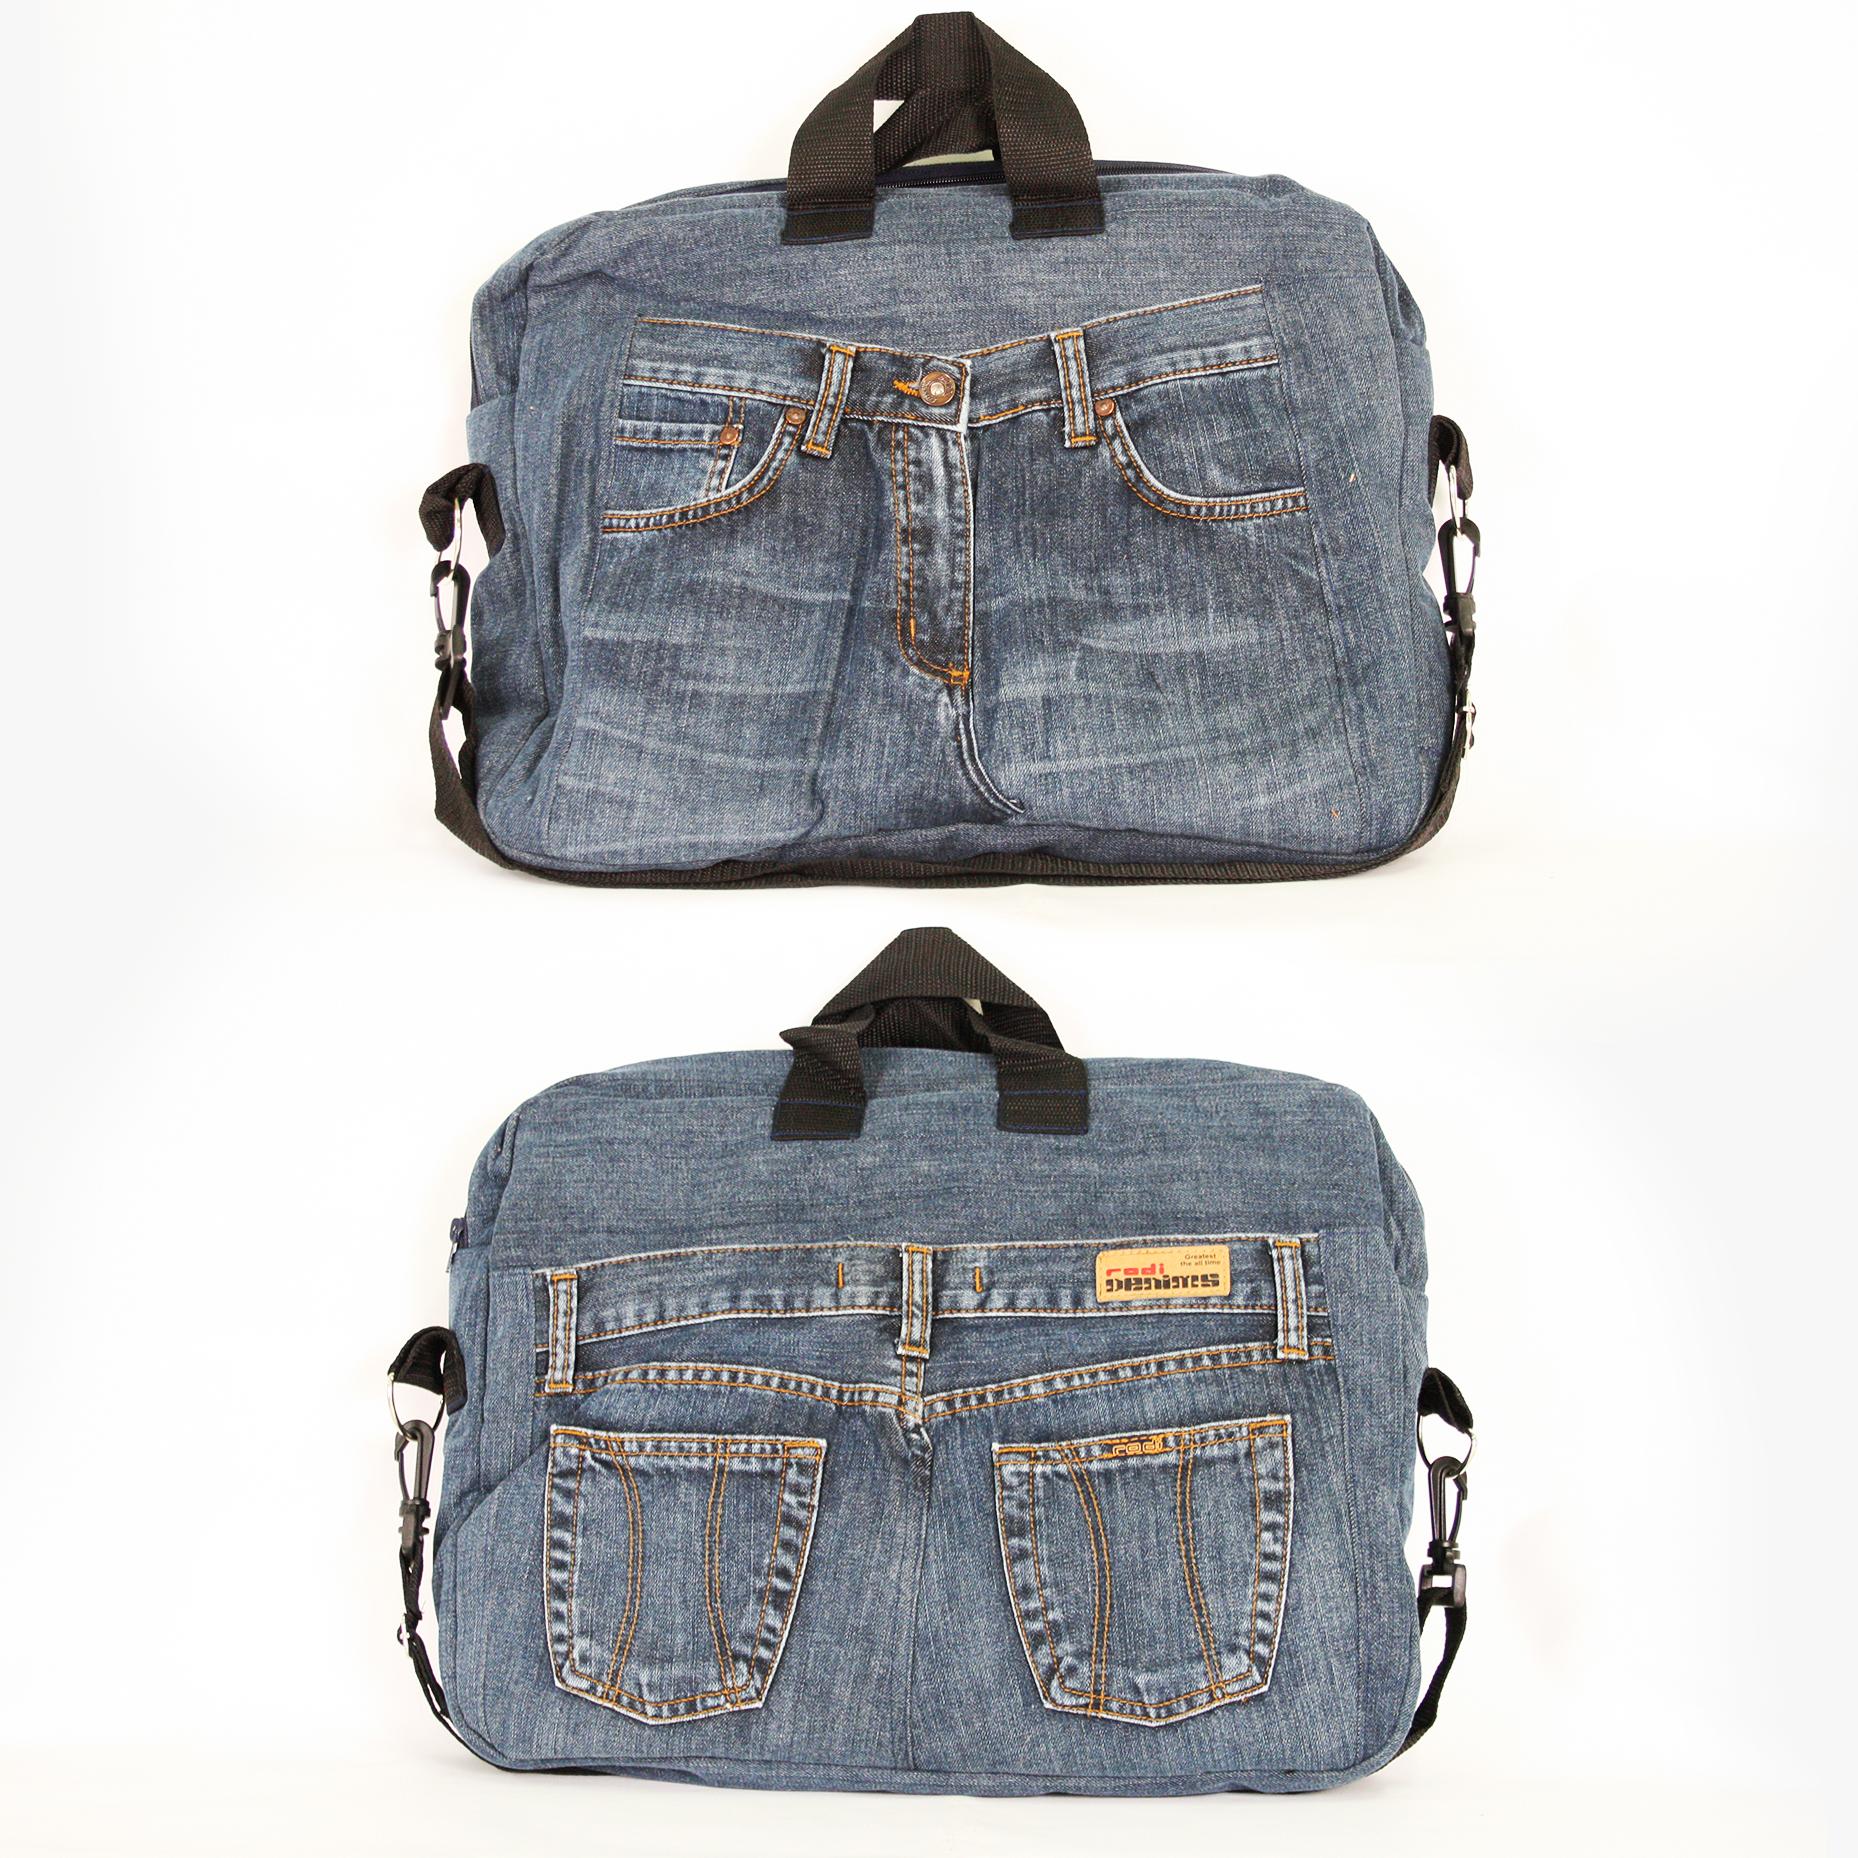 ab857bdb7741 Старые джинсы: ТОП 45 уникальных изделий для дома